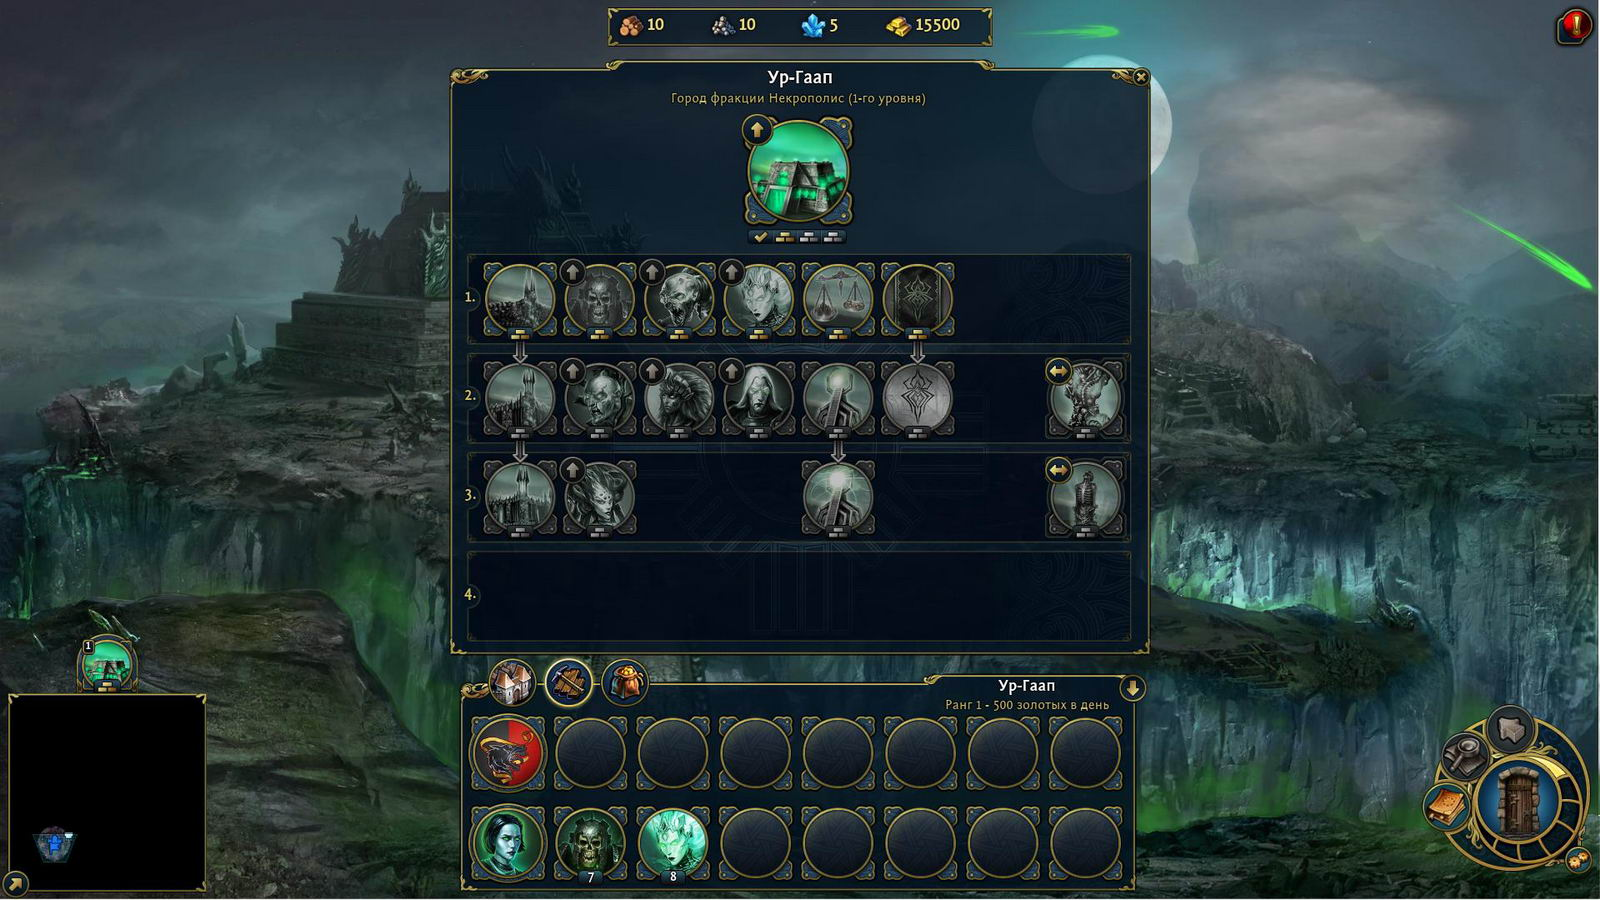 Скриншот Might & Magic Heroes VI - Shades of Darkness